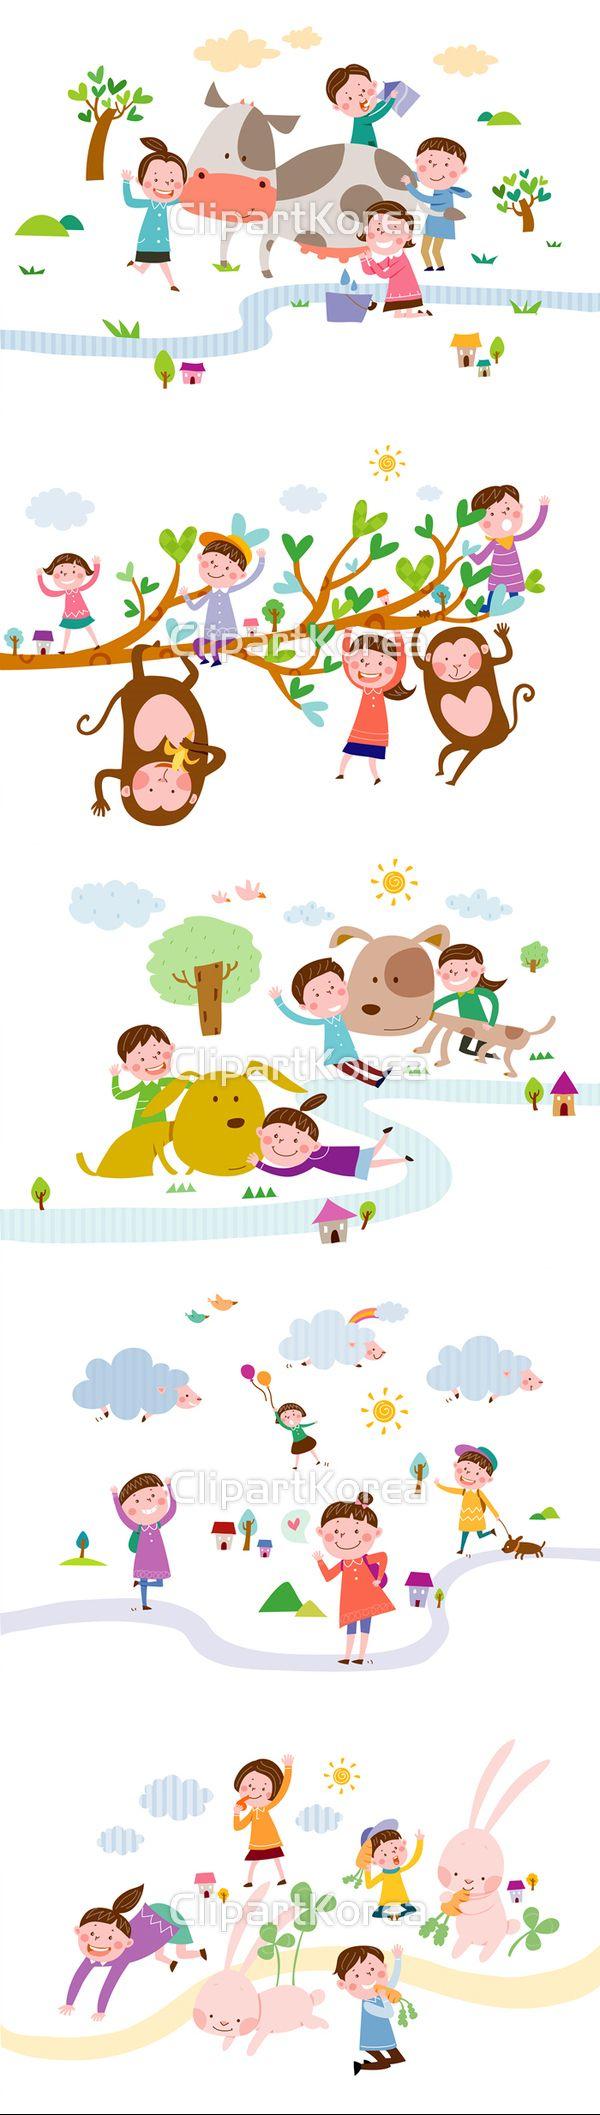 사랑스러운 동물와 어린이 :) Lovely animals and Kids:)  #강아지 #귀여움  #동물  #미소 #어린이 #어린이 #우정  #일러스트 #즐거움 #친구 #태양 #소  #클로버 #태양 #토끼 #양  #풍선 #하트 #Puppy #cute #animal #smile #Child #friendship #illustration #joy #friend #clover #sun #Rabbit #Heart #Balloon